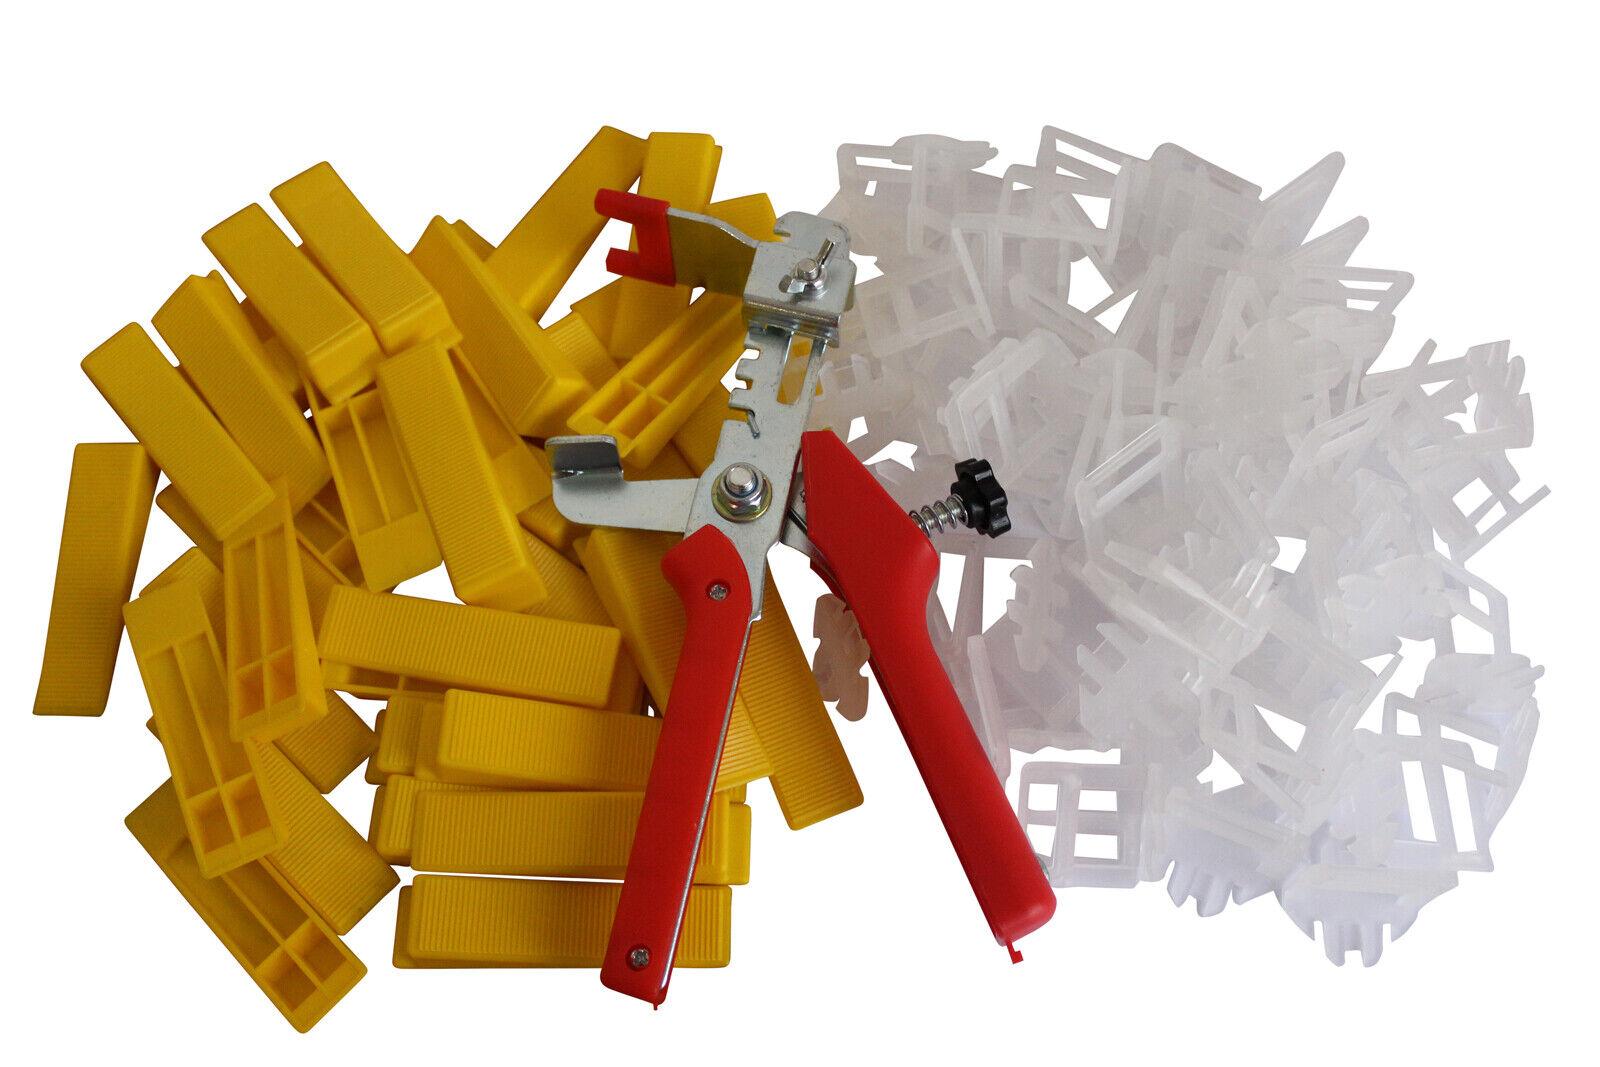 Fliesen Nivelliersystem XXL SET 1 mm Fuge 4000 Laschen 1000 Keile Zange